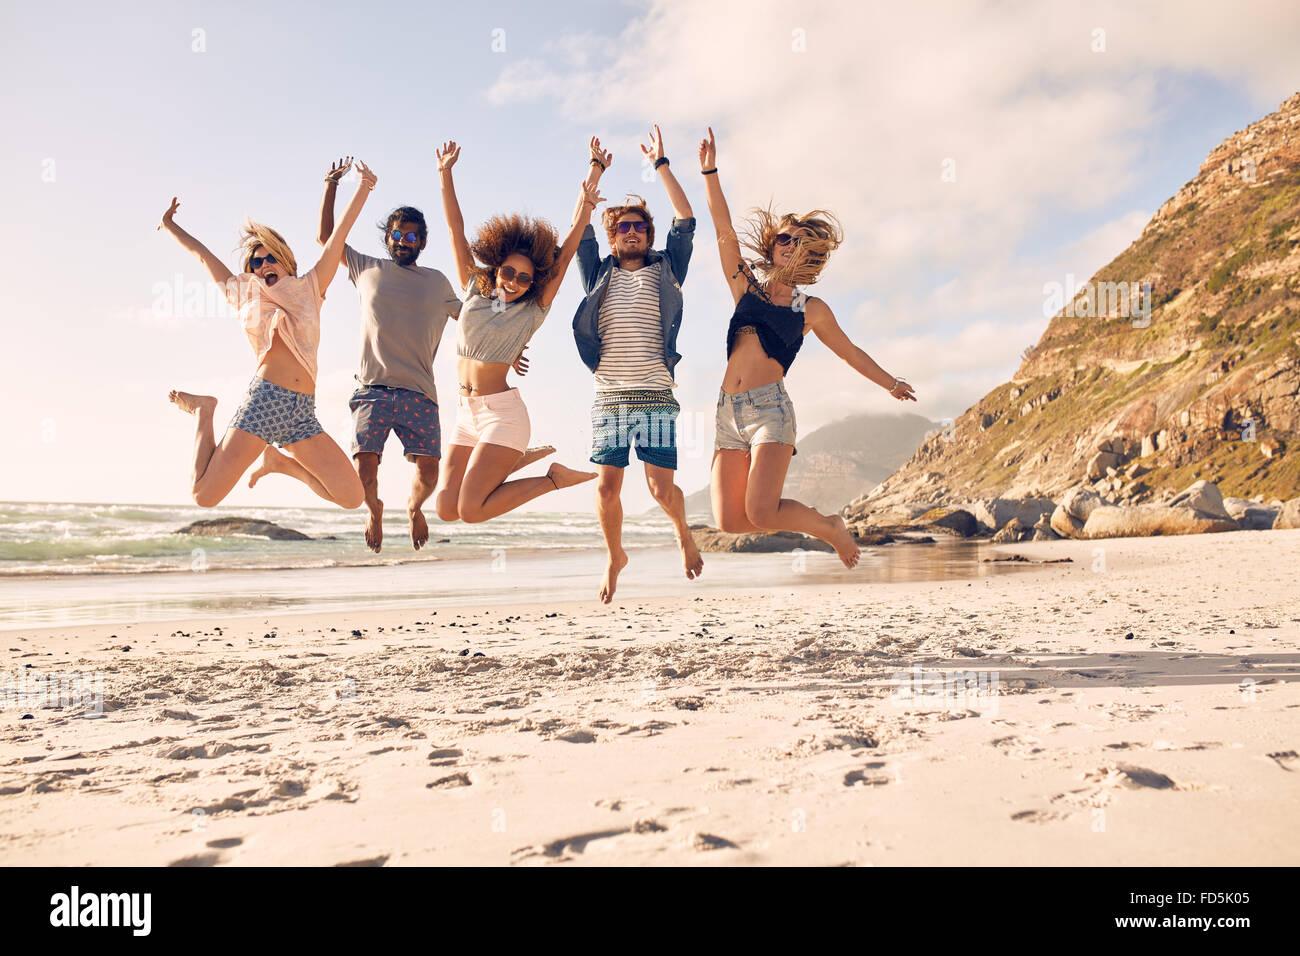 Gruppo di amici sulla spiaggia di divertimento. Felice giovani salto sulla spiaggia. Gruppo di amici gustando estate Immagini Stock